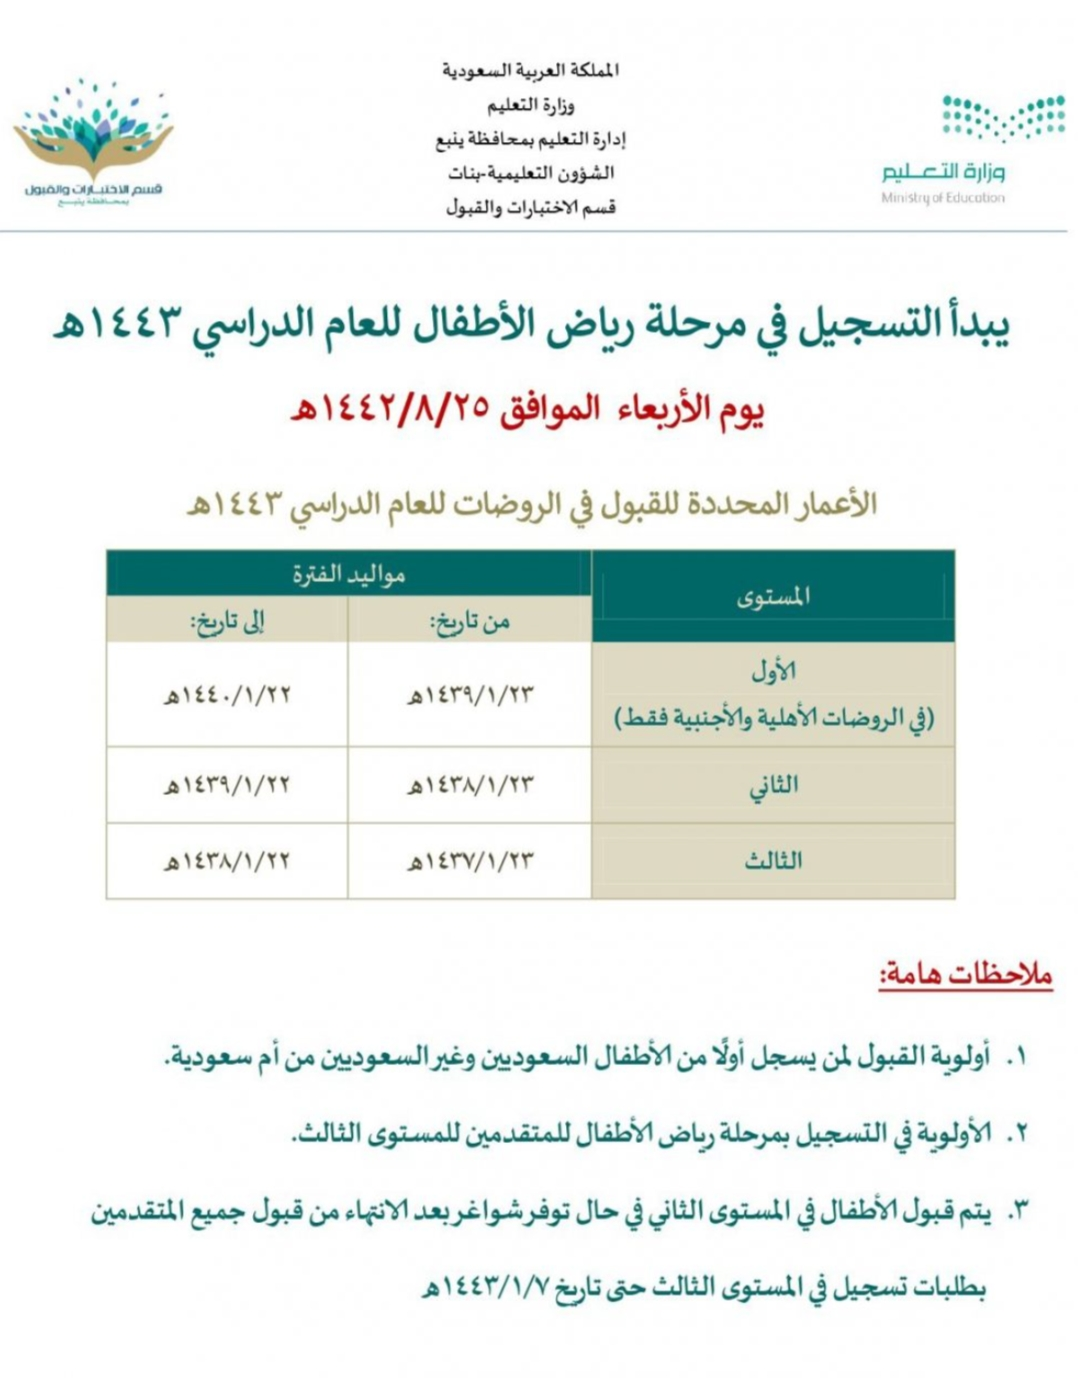 نظام نور موعد تسجيل وأعمار قبول طلاب الروضة1443